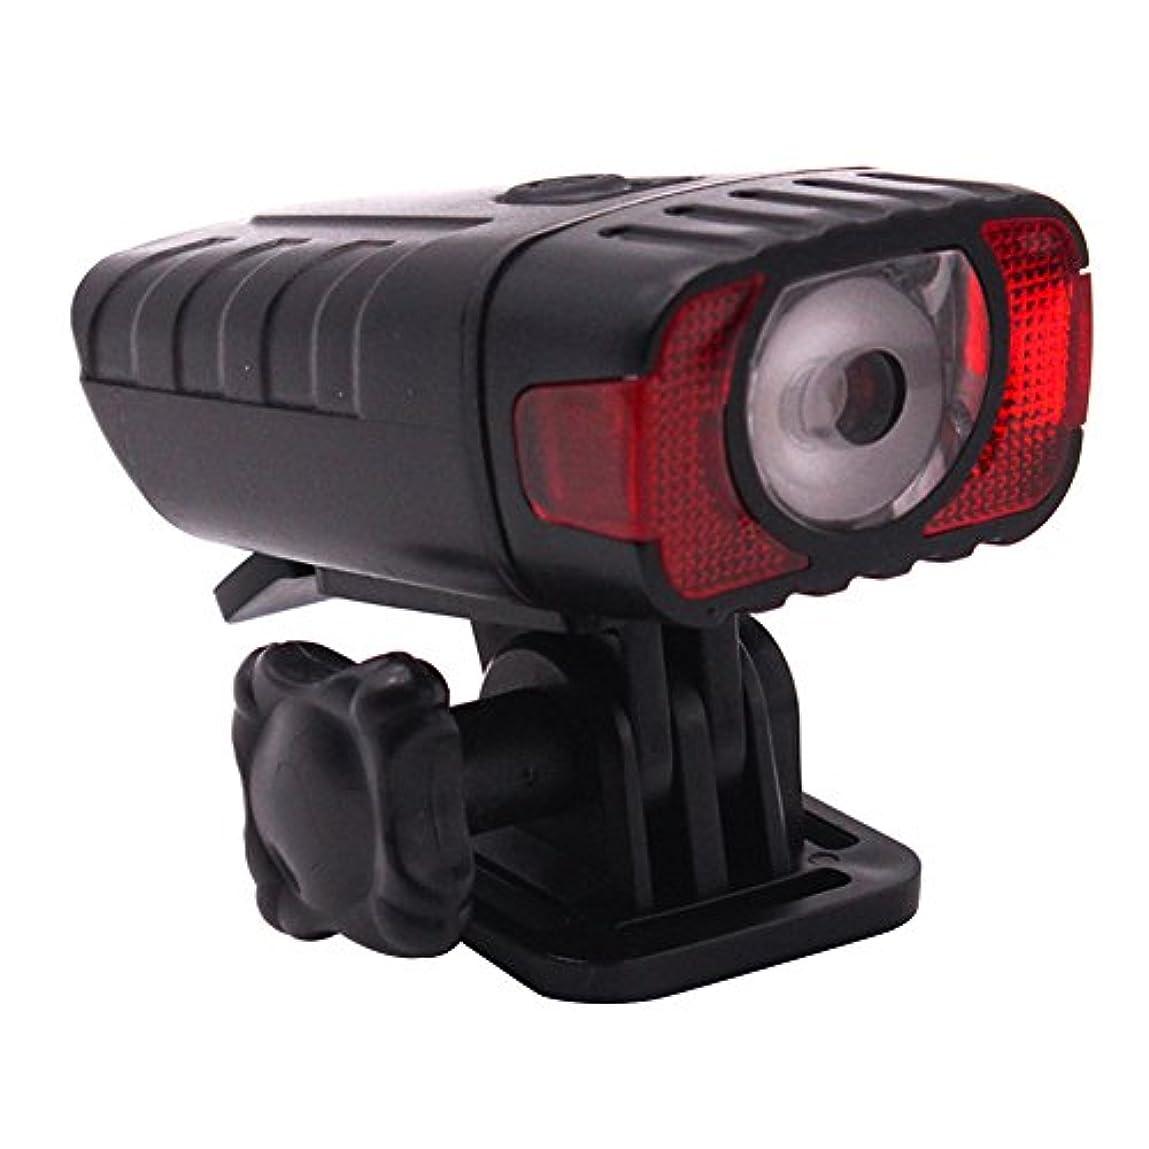 起きている禁止自治的RaiFu 自転車ヘッドライト USB充電式 防水 自転車 マウンテン バイク インテリジェントLEDライト 防水 ヘルメットランプ